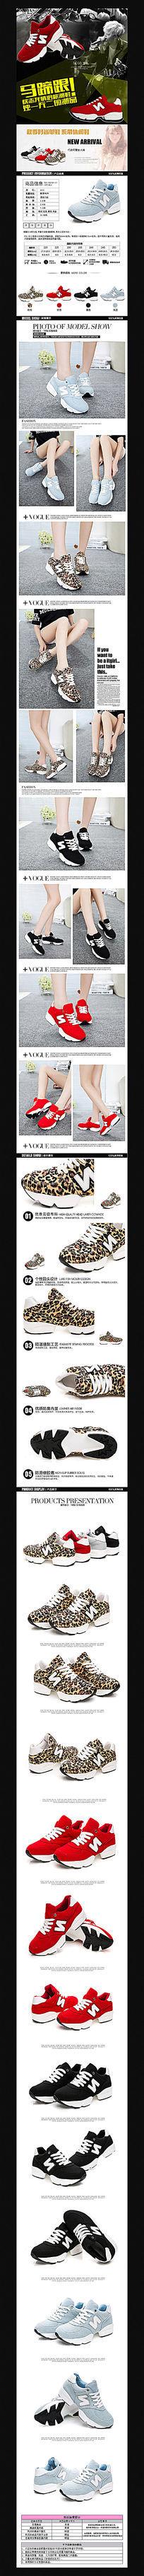 淘宝运动鞋宝贝描述详情页装修模板